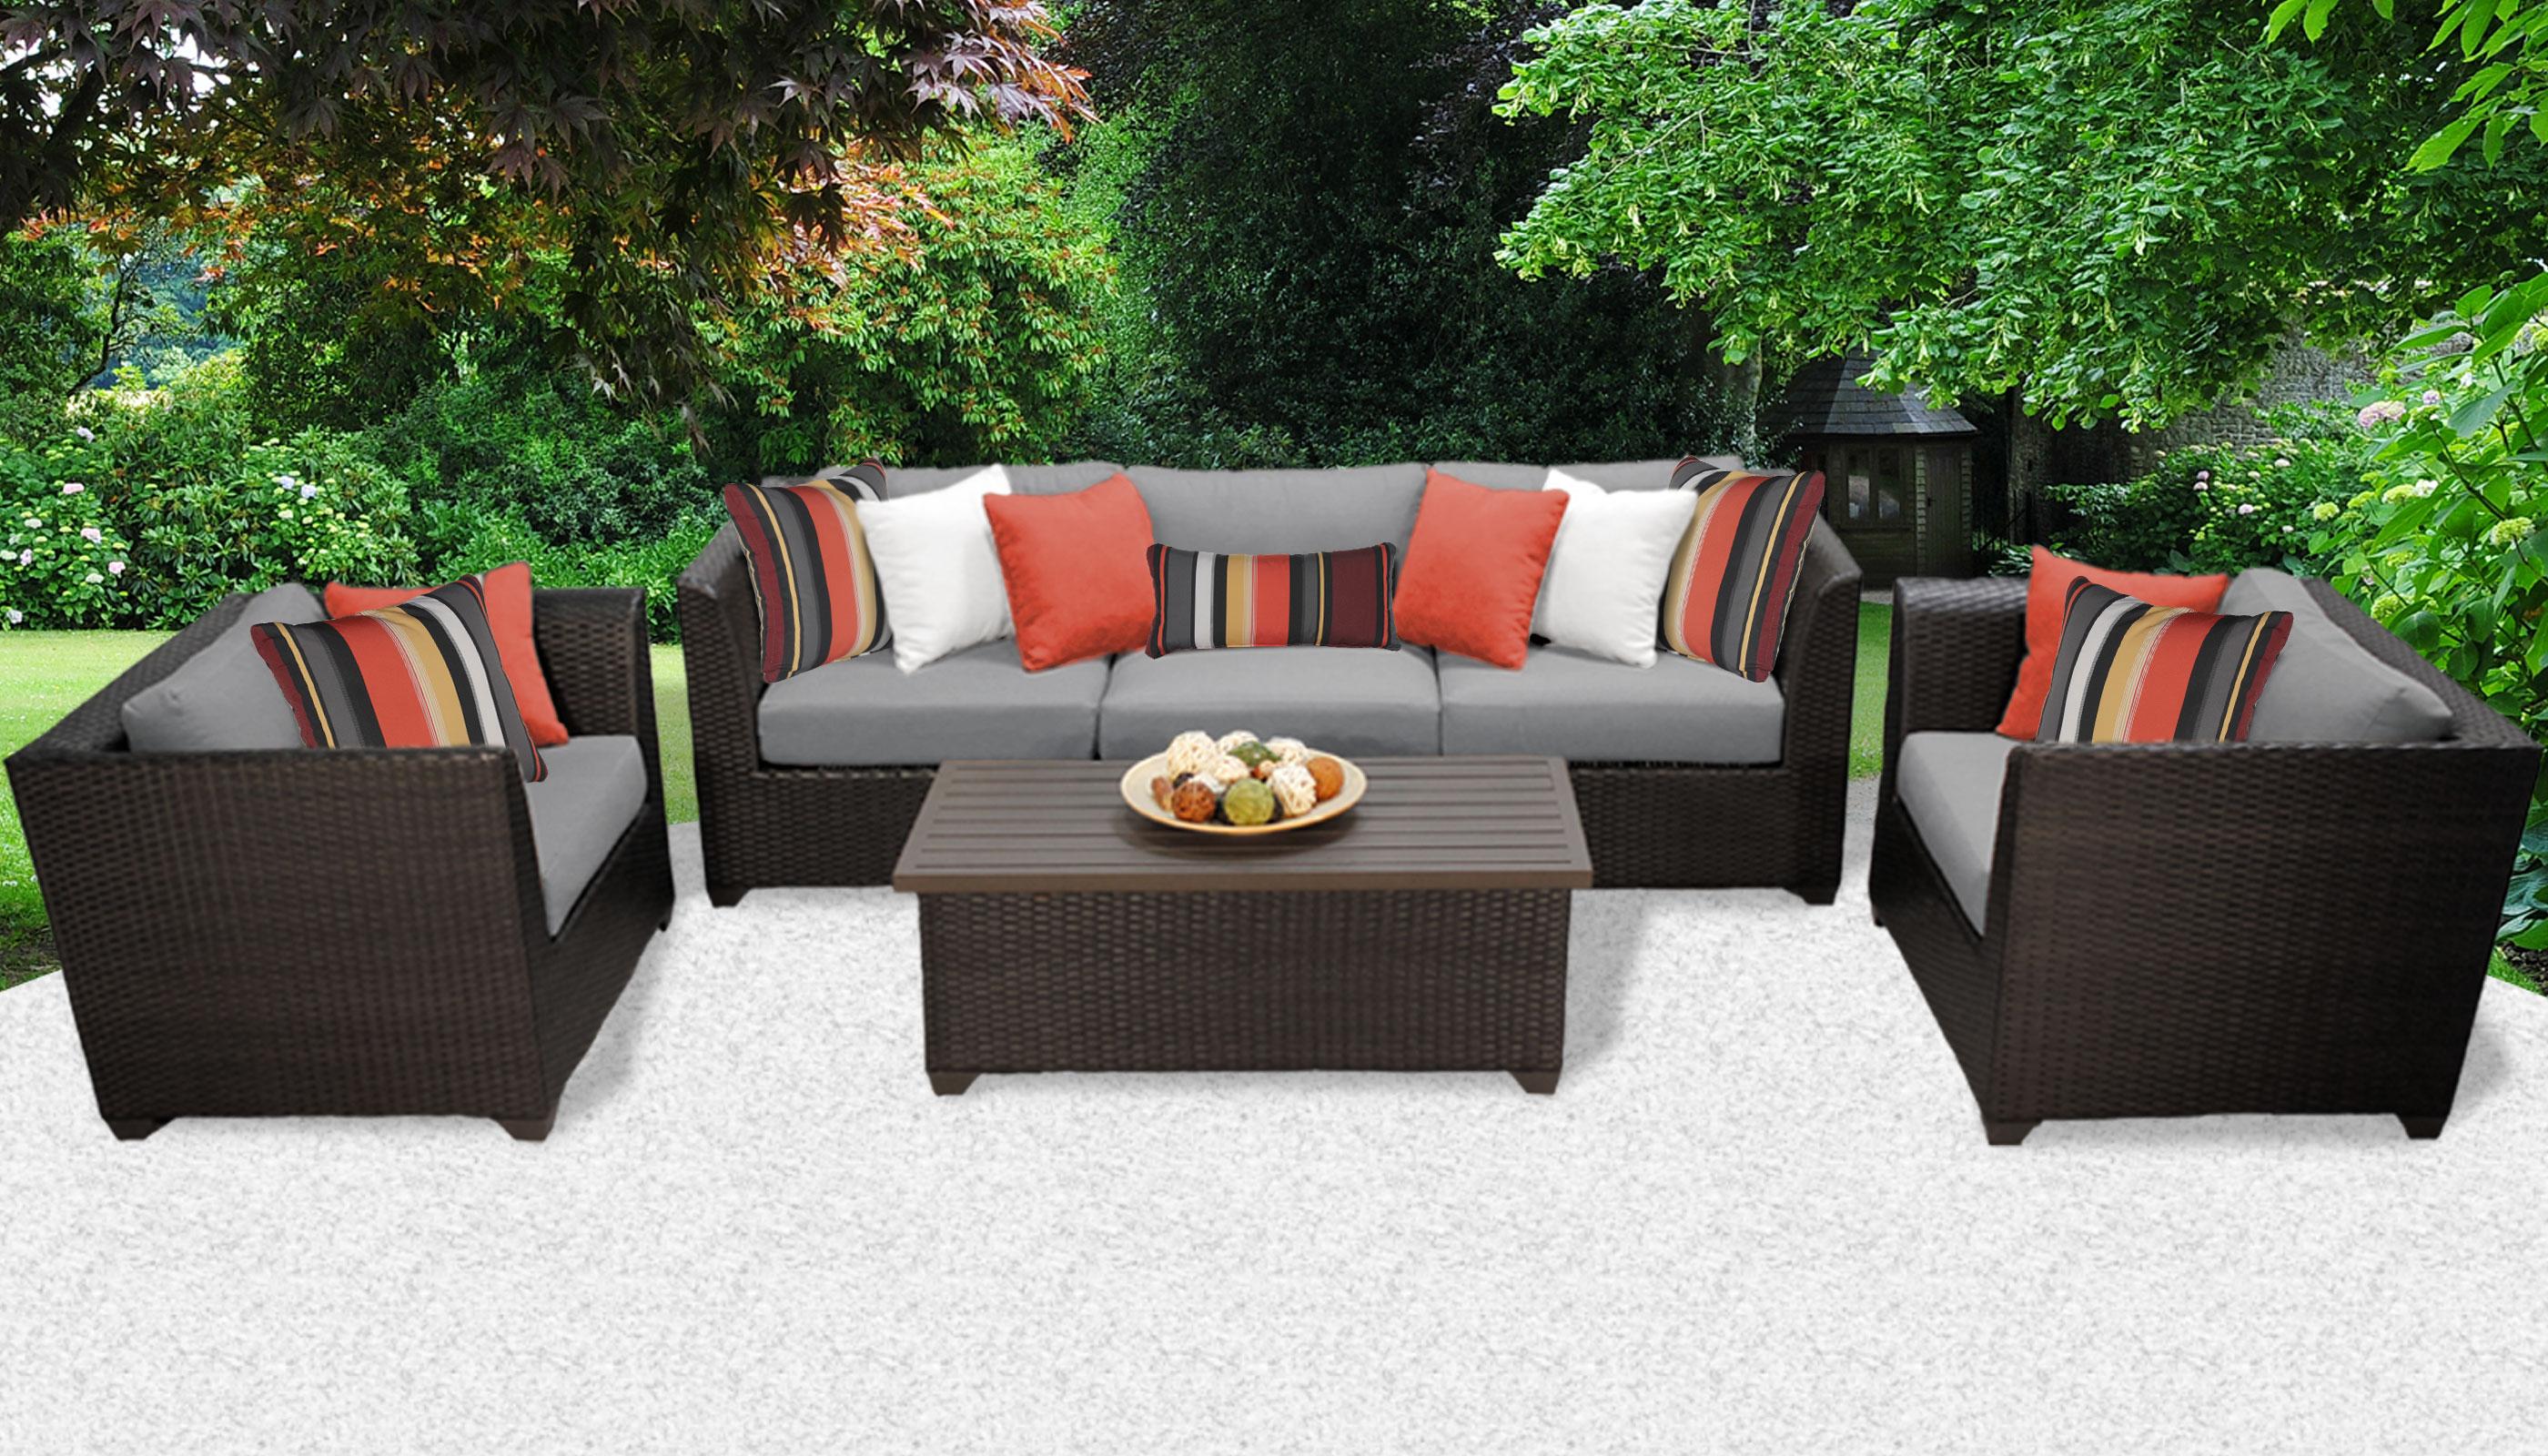 6 piece patio furniture sets home design ideas and pictures for Home design 6 piece patio set